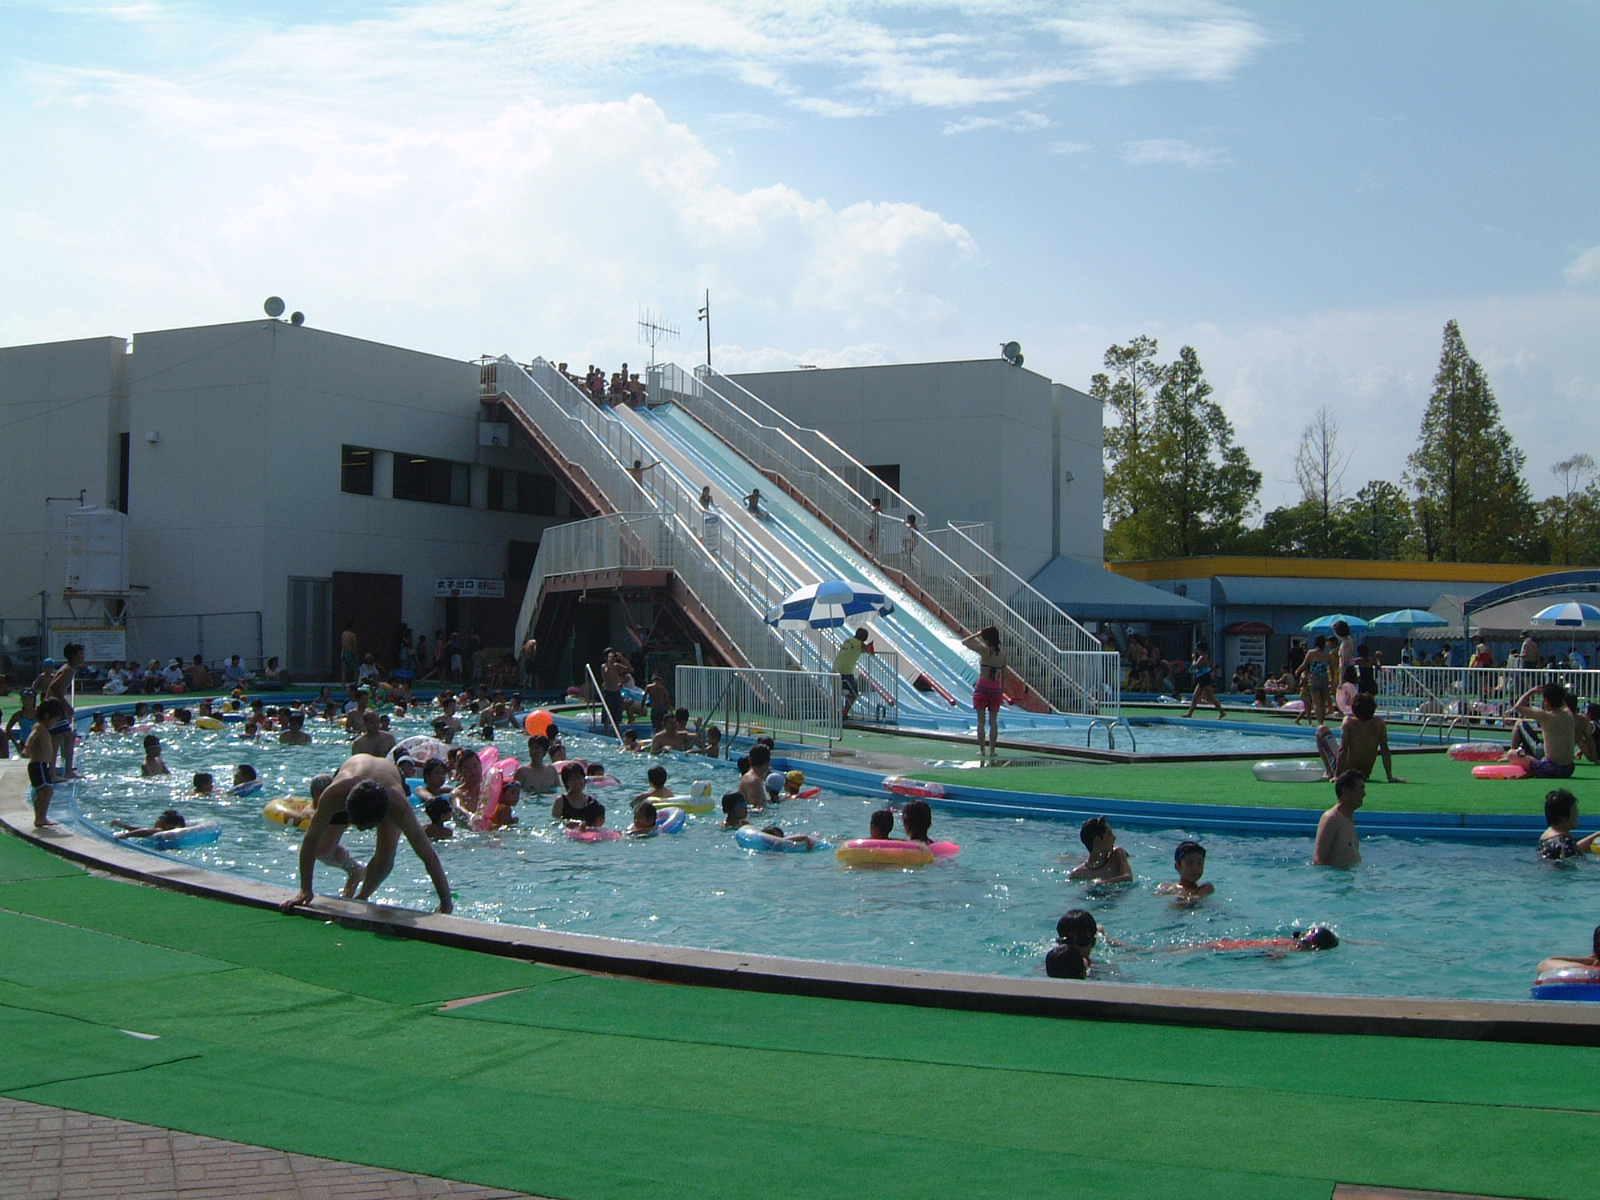 福山メモリアルパークのプール開き・営業期間2017~プール開きの日は無料開放!営業時間、利用料金なども紹介